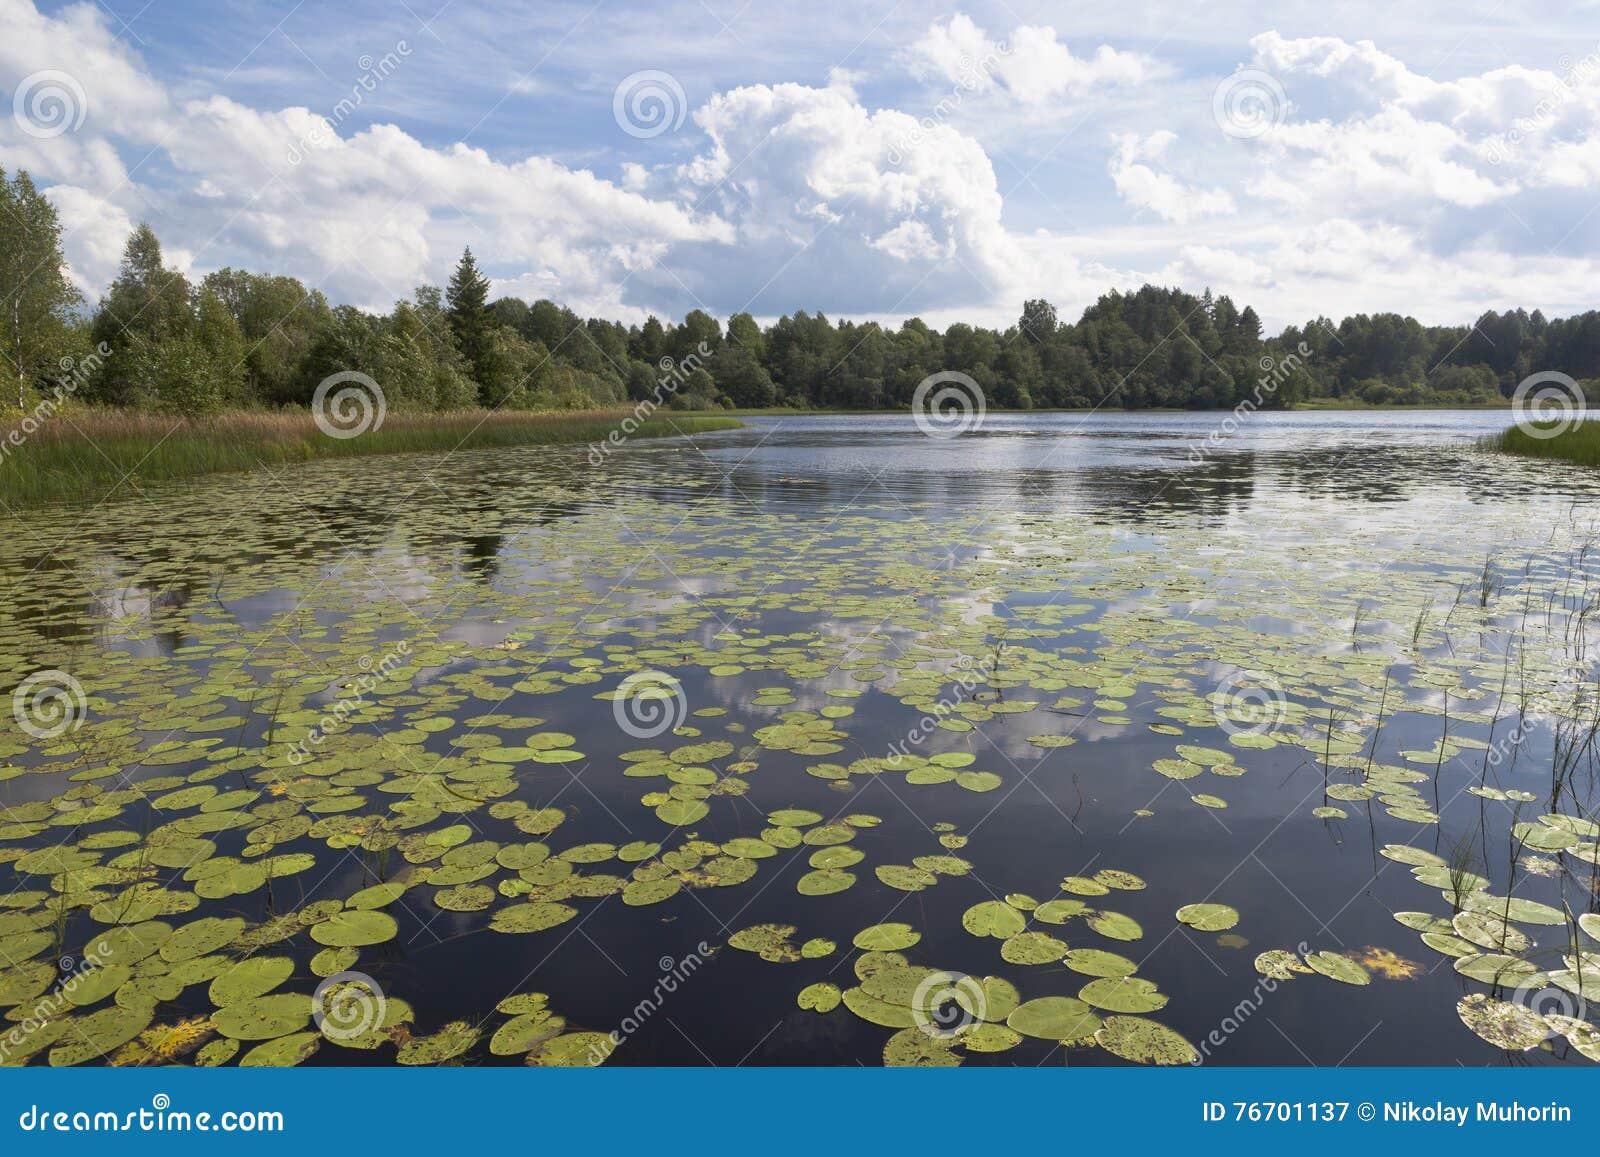 Lac Ilinskoe dans le nord russe de parc national dans le secteur de Kirillov, région de Vologda, Russie